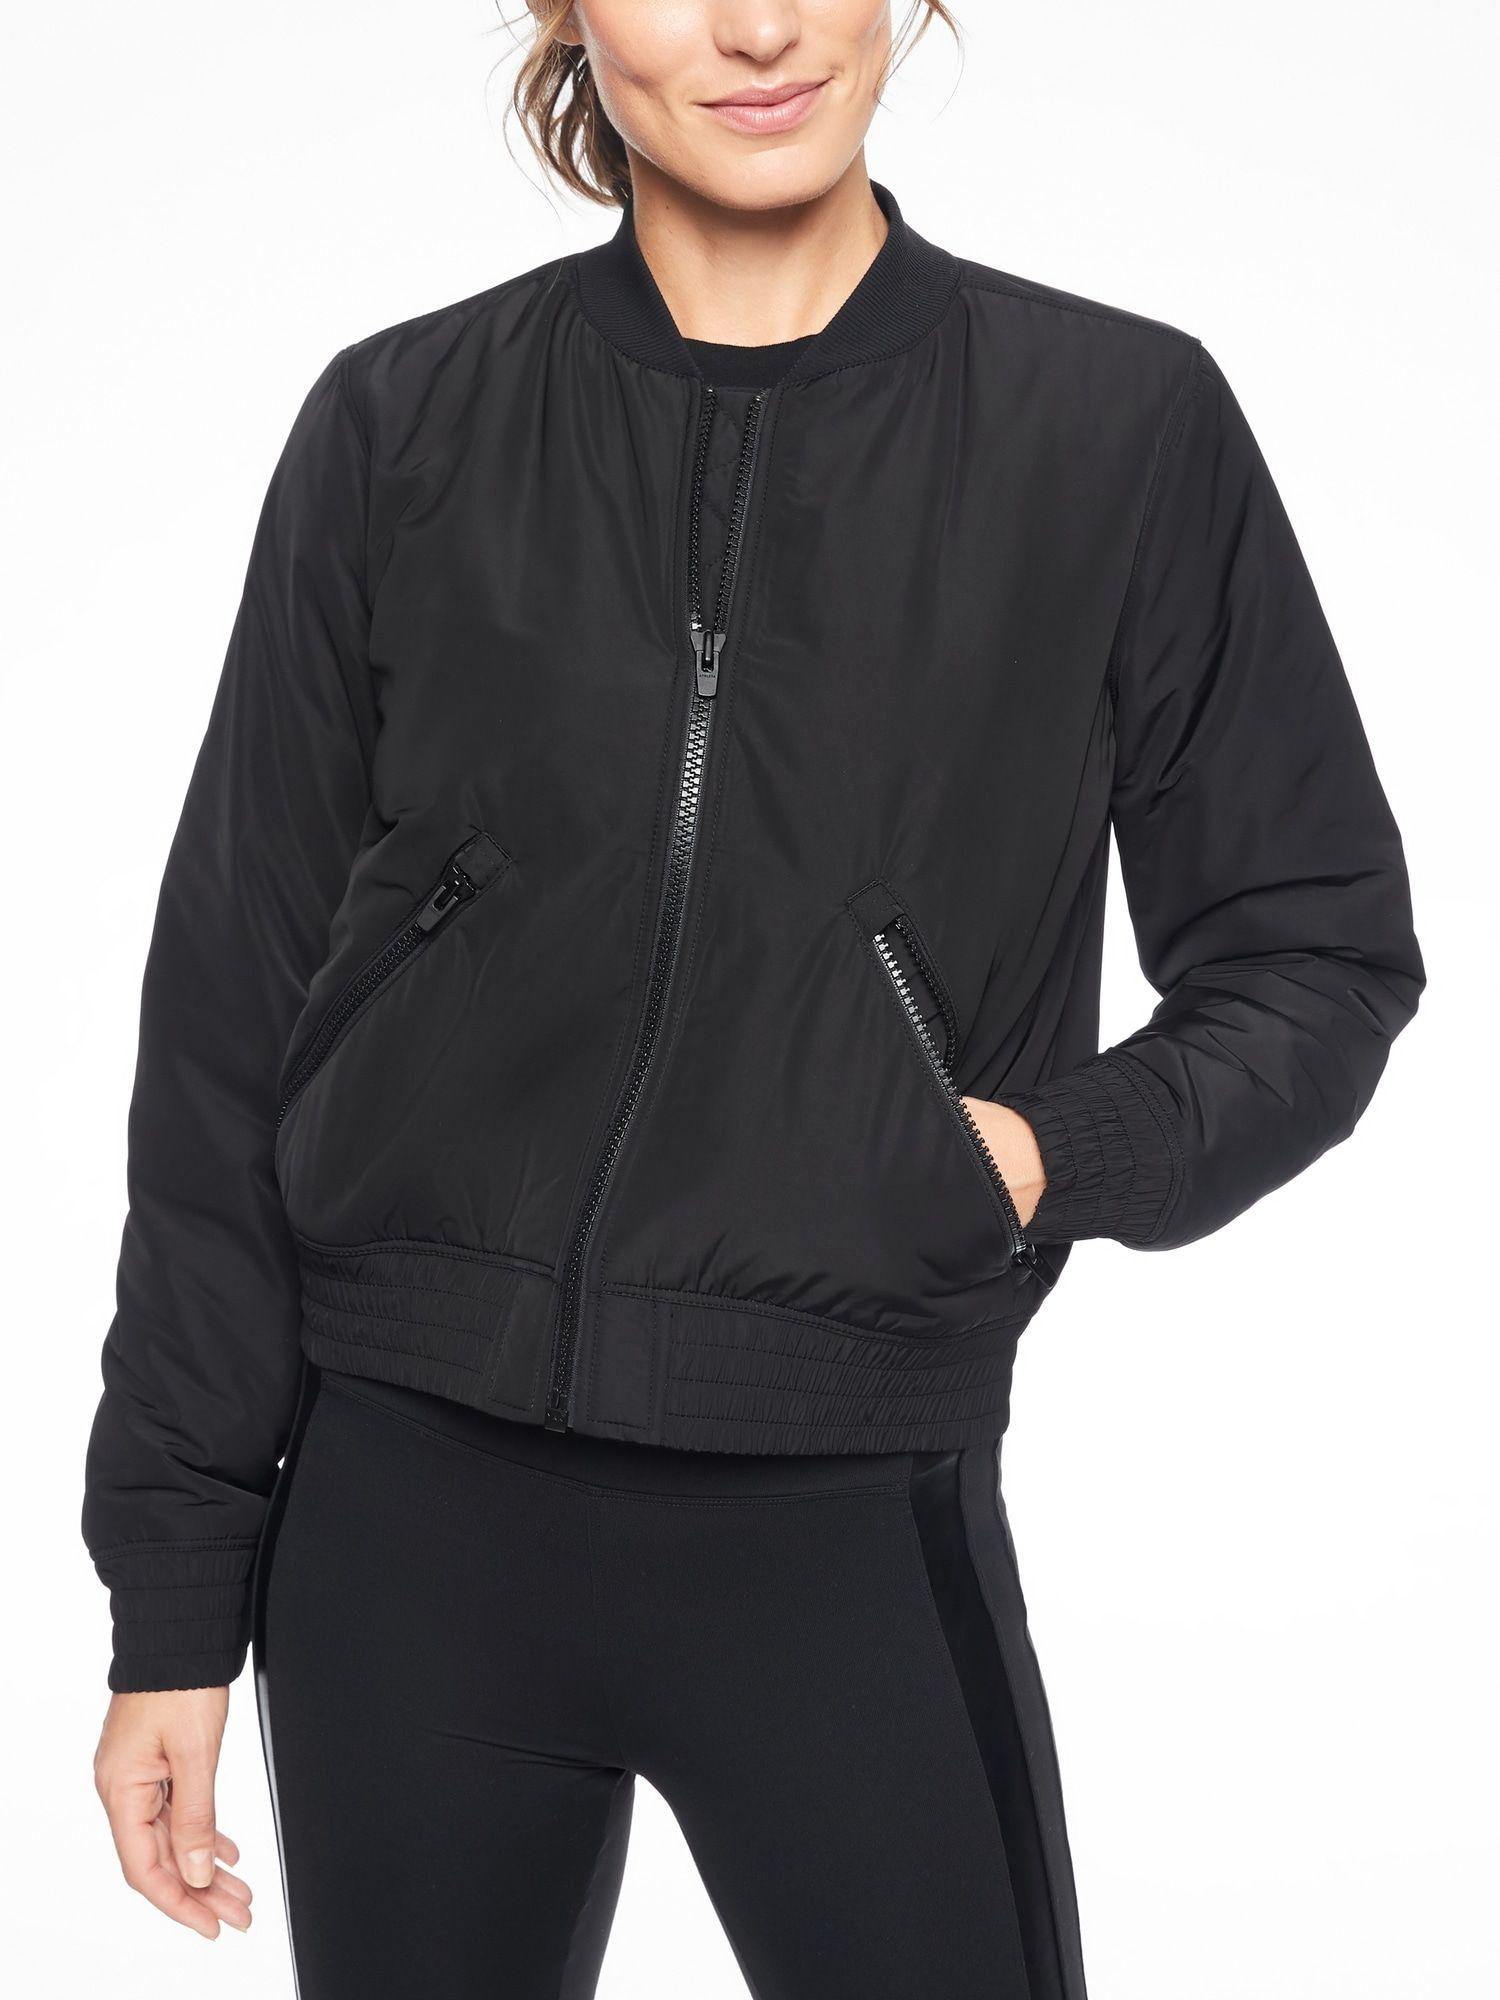 Northstar Primaloft Bomber Jacket Athleta Dream Clothes Jackets Black Bomber Jacket [ 2000 x 1500 Pixel ]